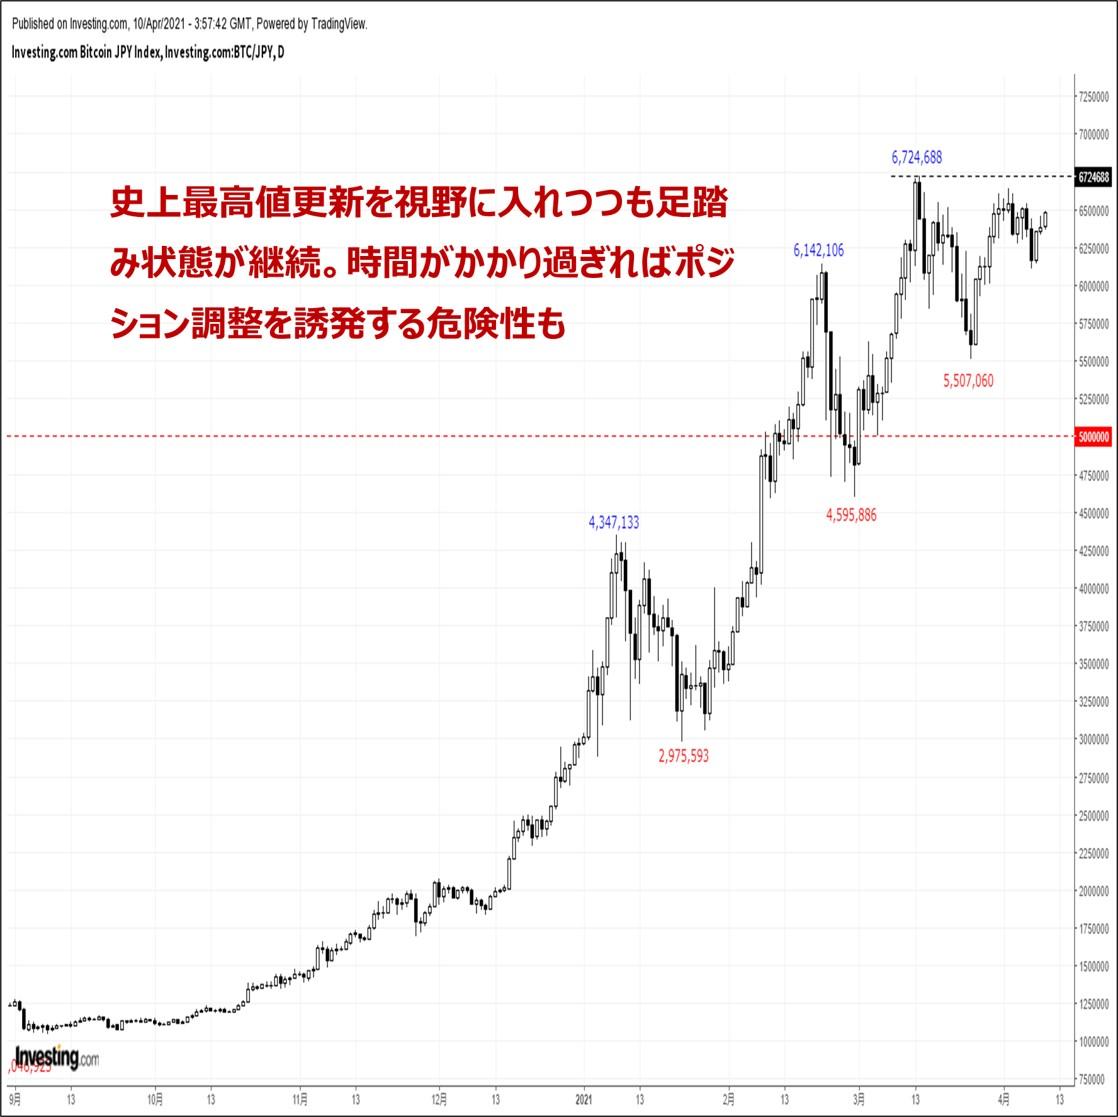 ビットコインの価格分析:『高値圏で一進一退。上値トライ成功か失敗か来週はまさに正念場』(4/10)